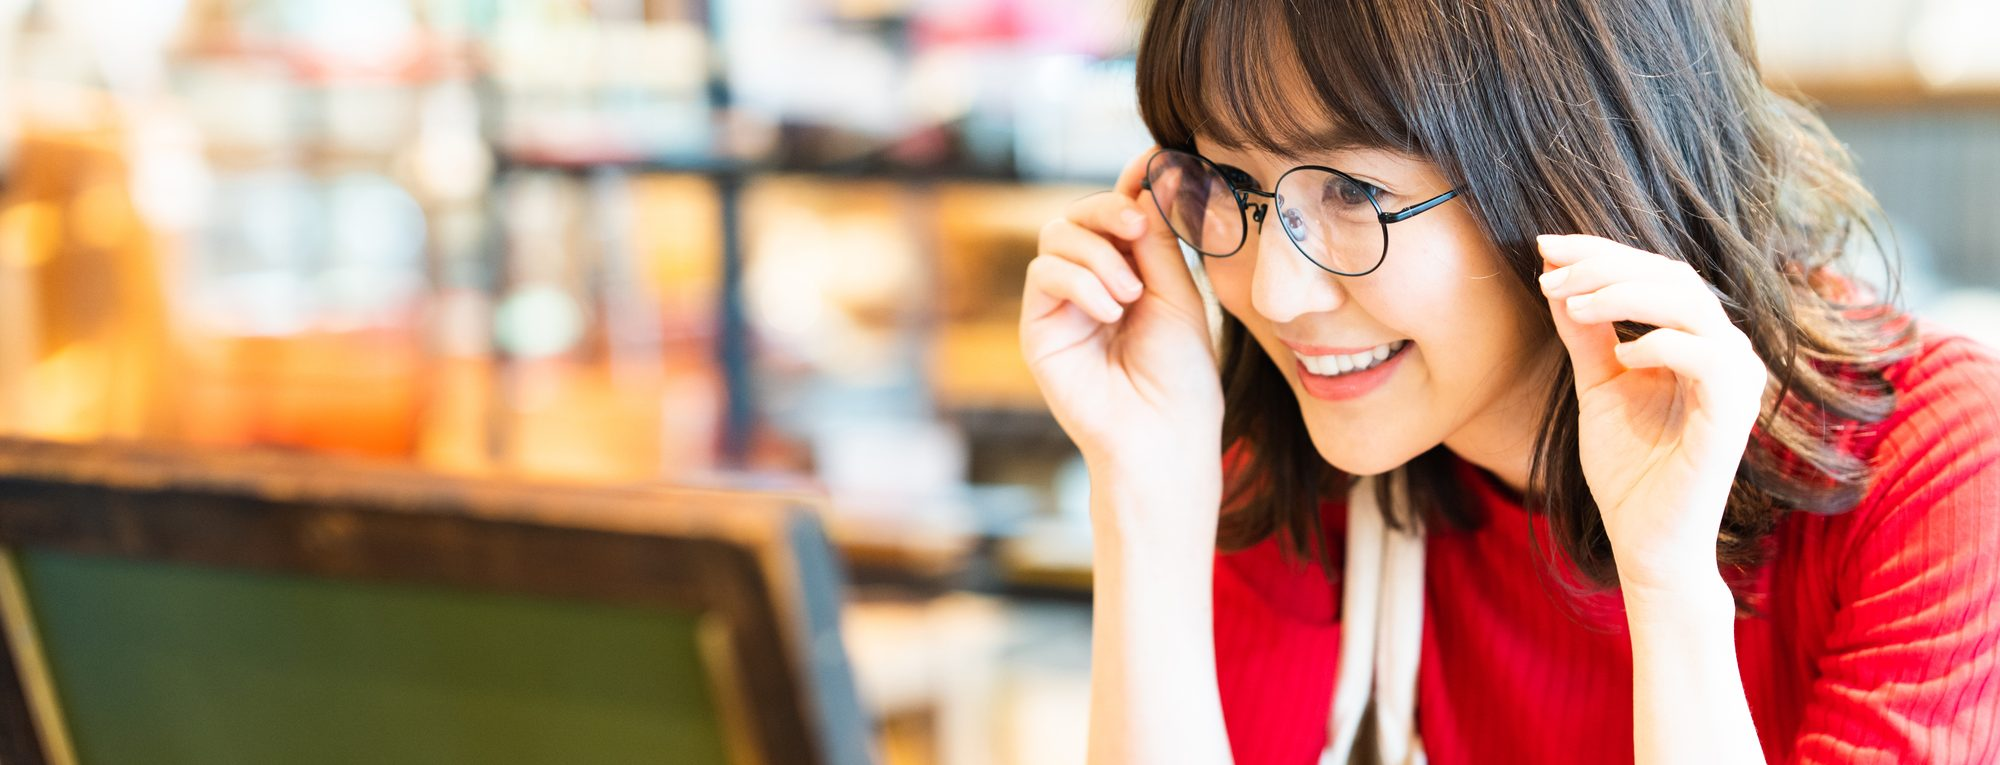 盛岡で眼鏡をご検討中の方は、たかはし眼科で診察